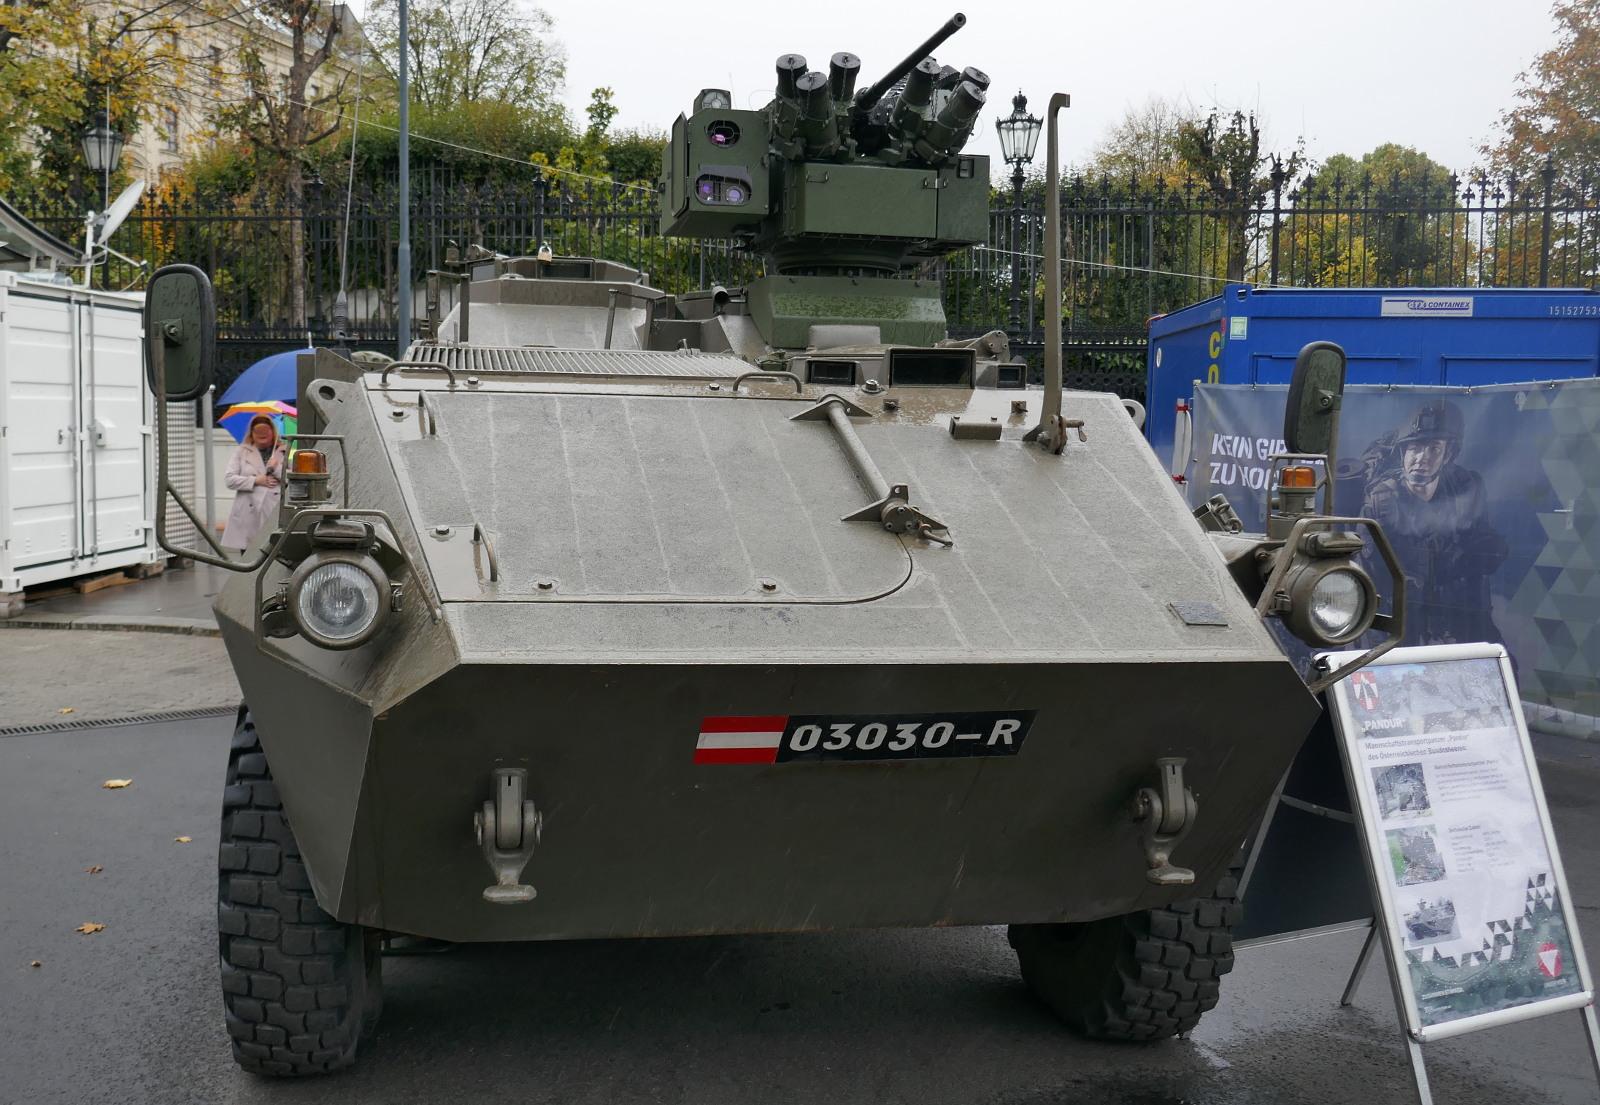 Mannschaftstransportpanzer Pandur A1 mit Waffenstation © Doppeladler.com